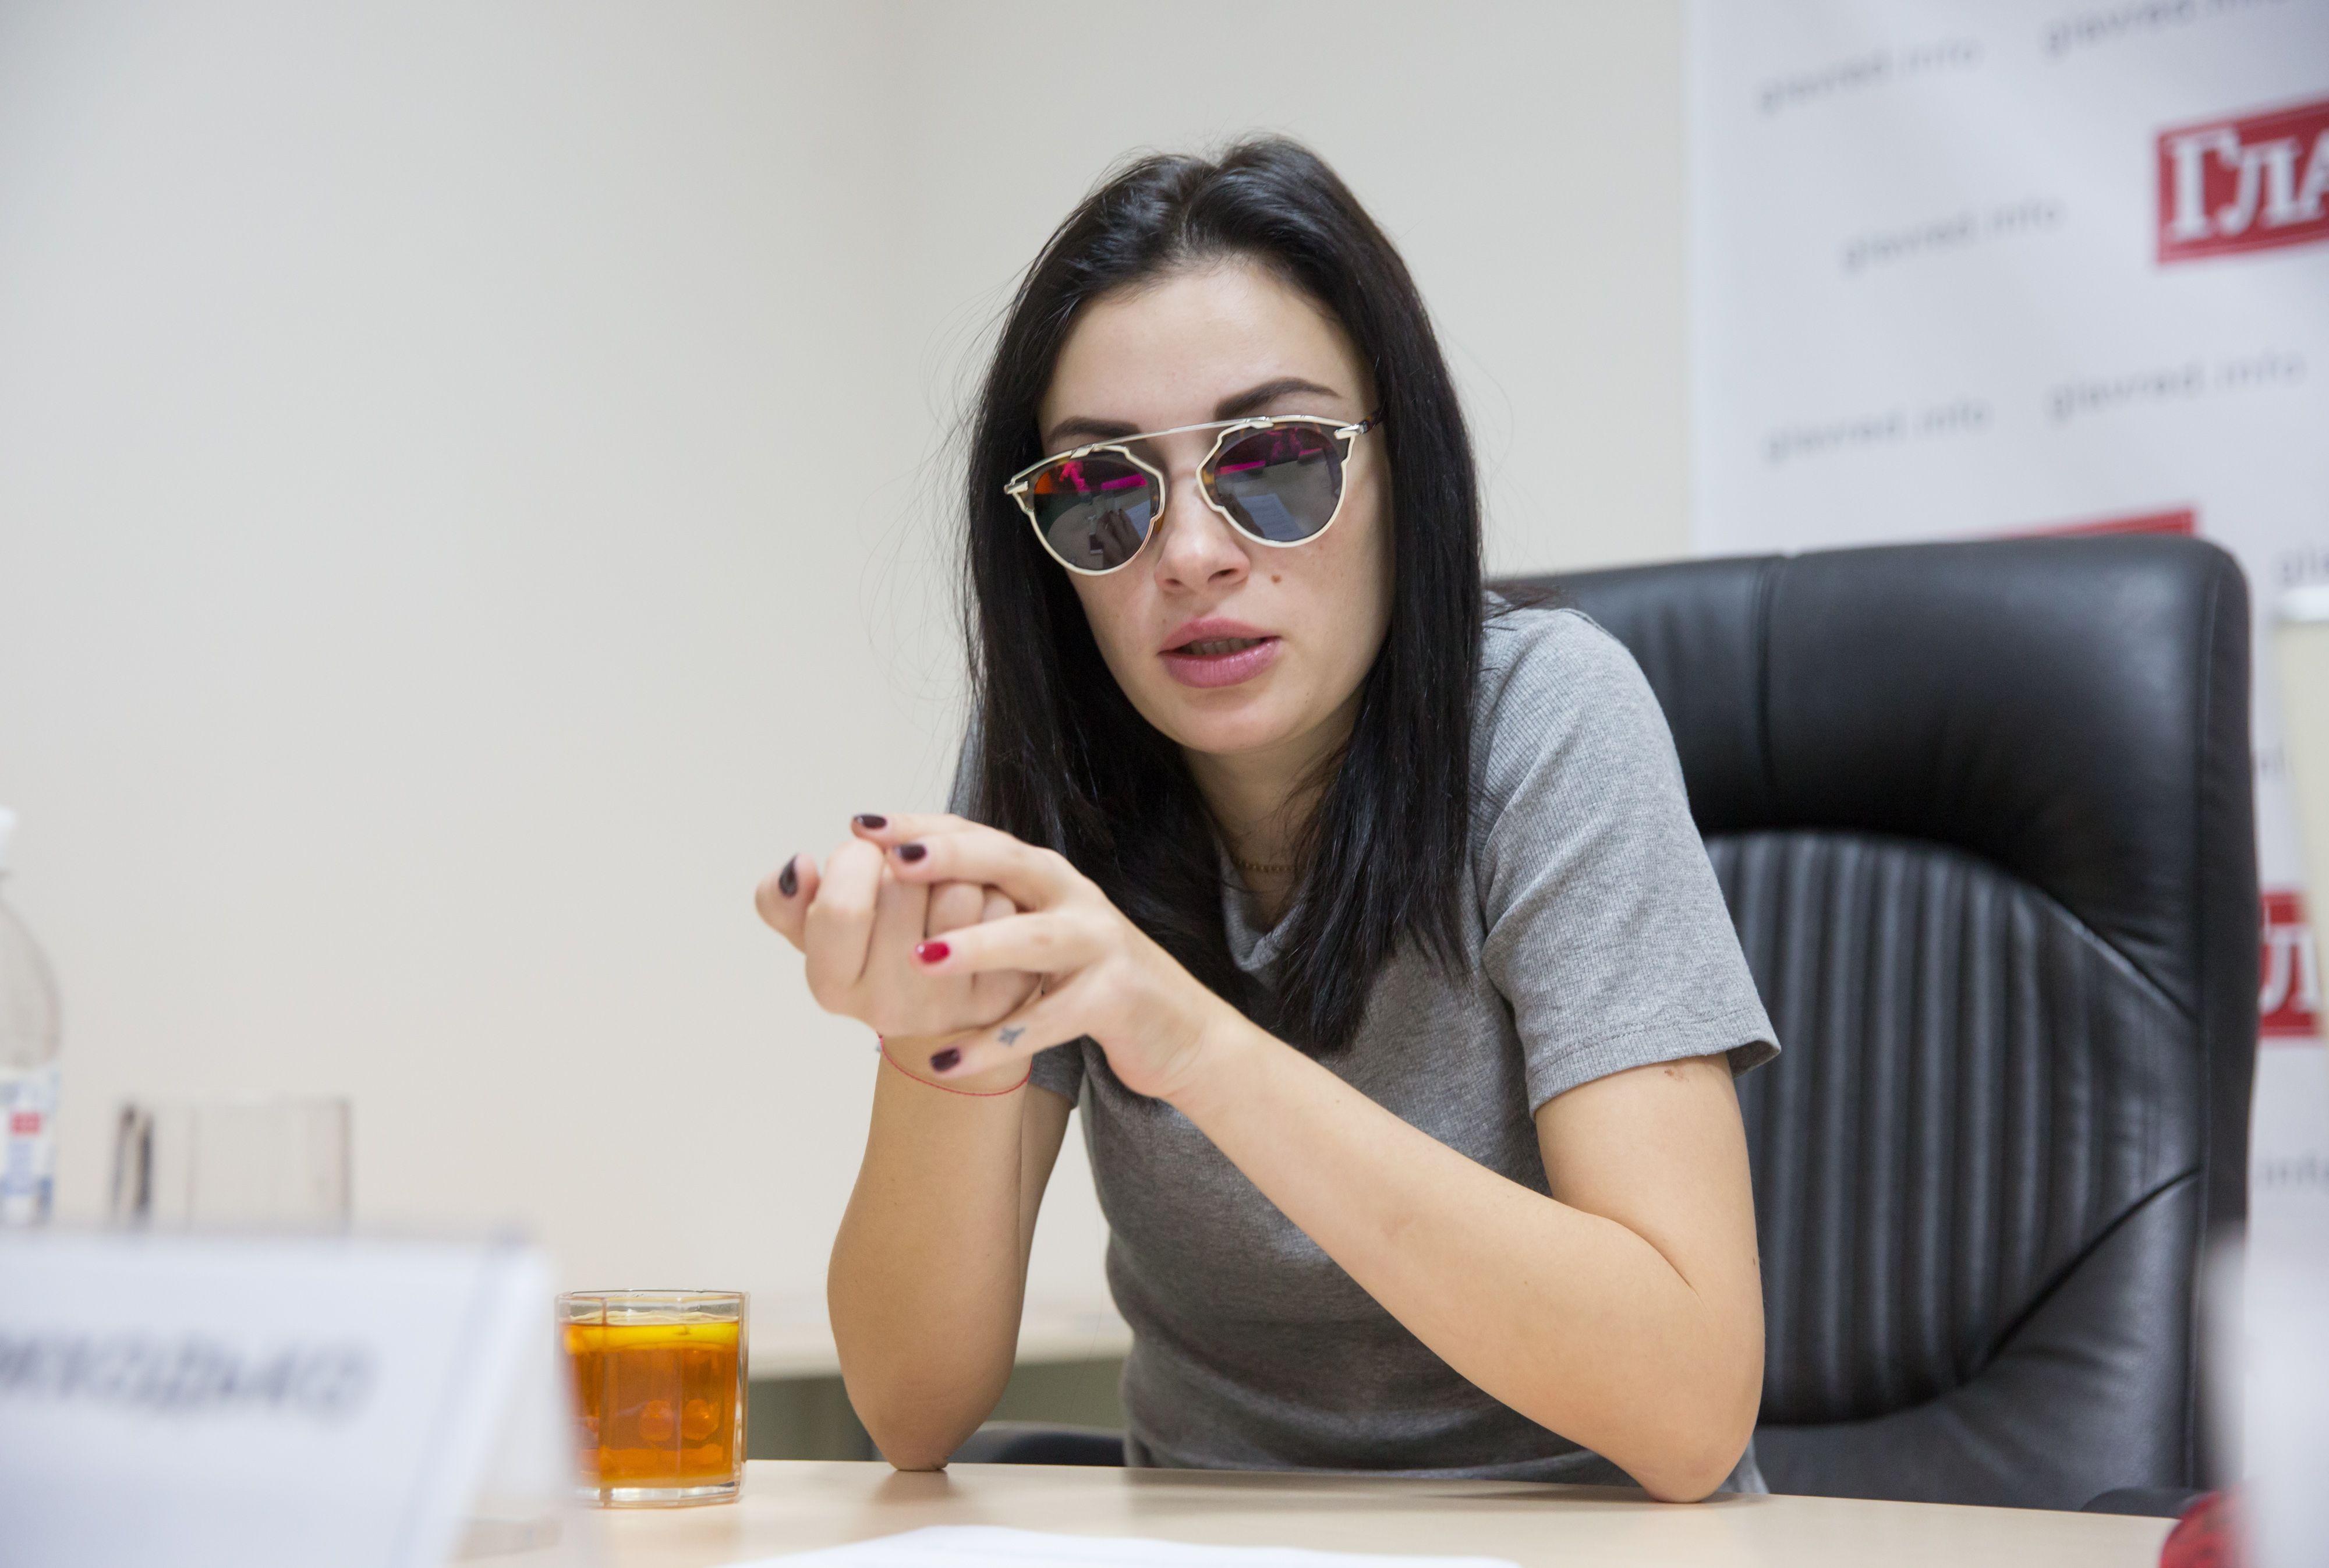 Анастасия Приходько решила пойти в политику